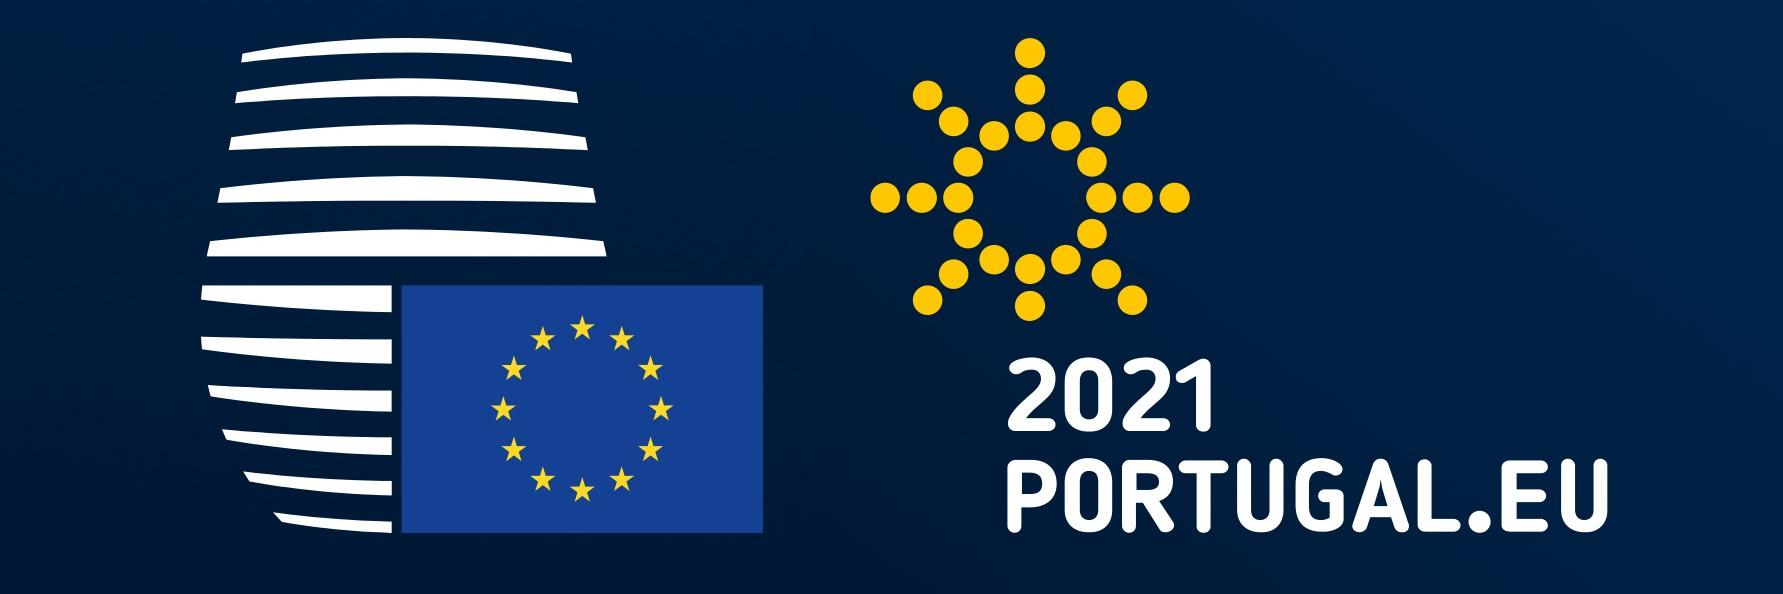 Ορίζοντας Ευρώπη: Εναρκτήρια εκδήλωση από την Πορτογαλική Προεδρία του Συμβουλίου της Ευρωπαϊκής Ένωσης